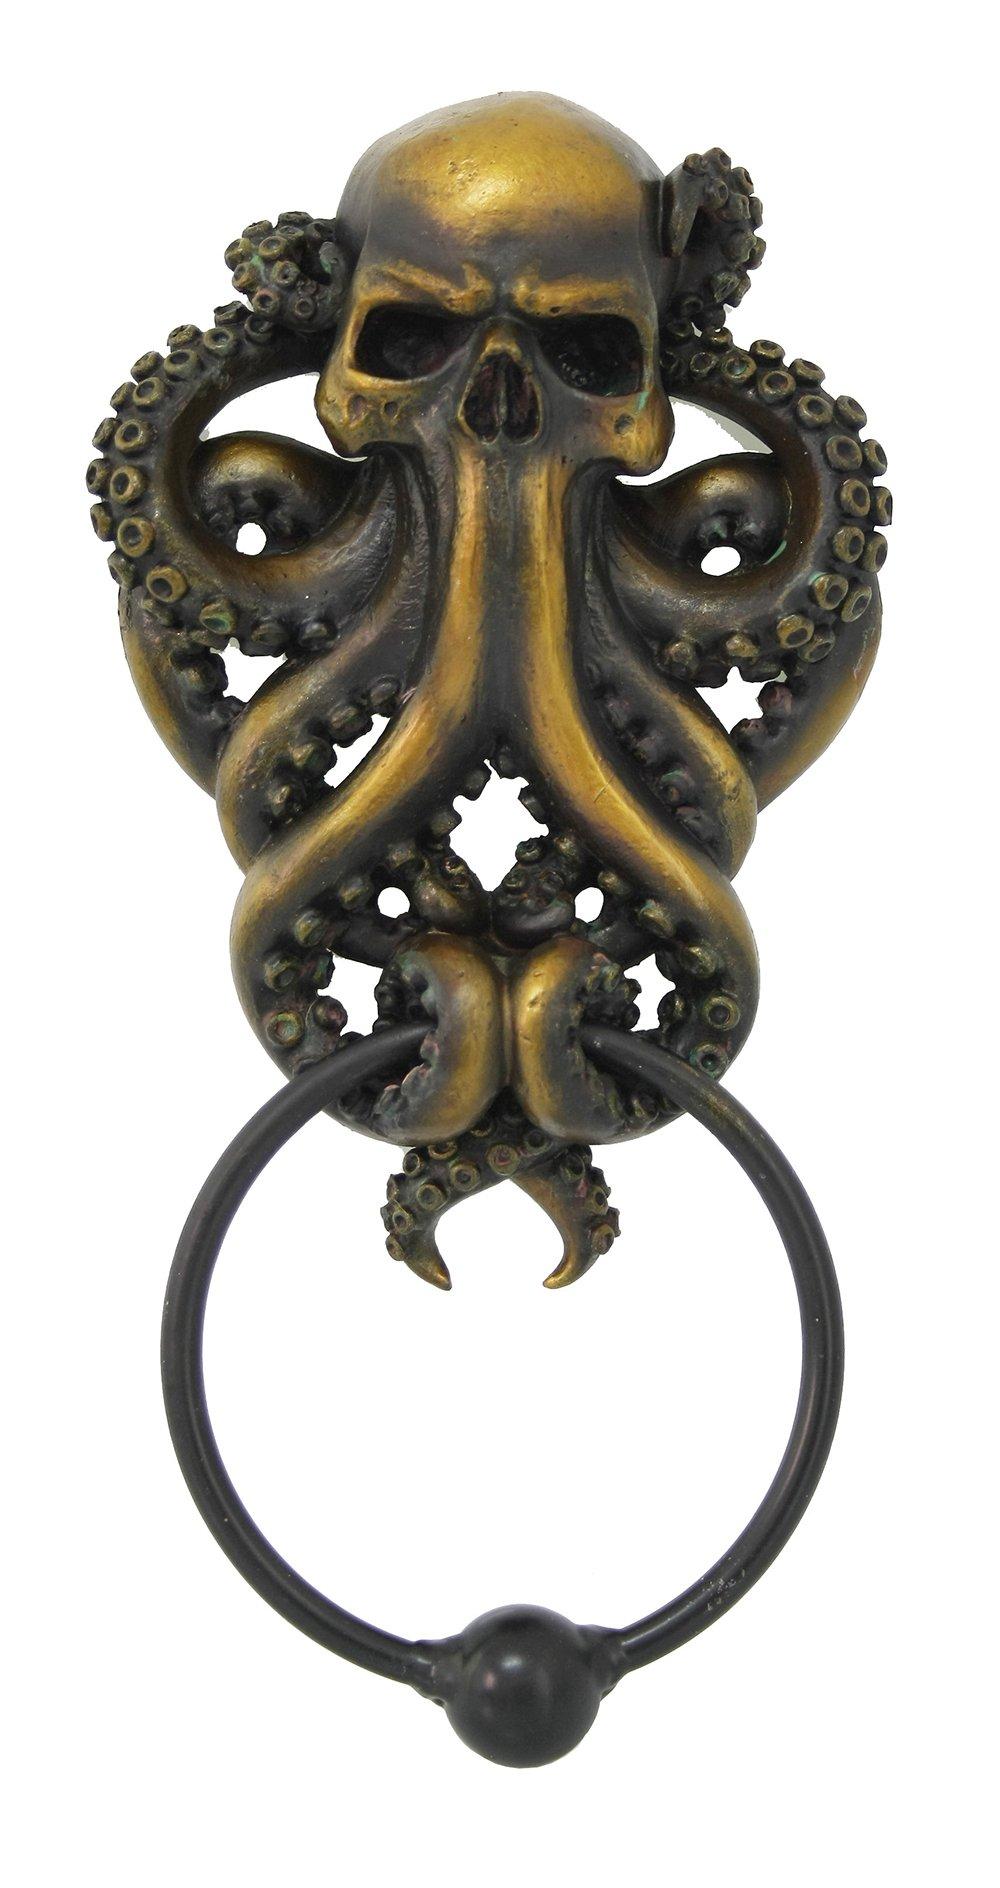 Decorative Octopus Skull Monster Resin Door Knocker with Cast Iron Knocker Wall Sculpture